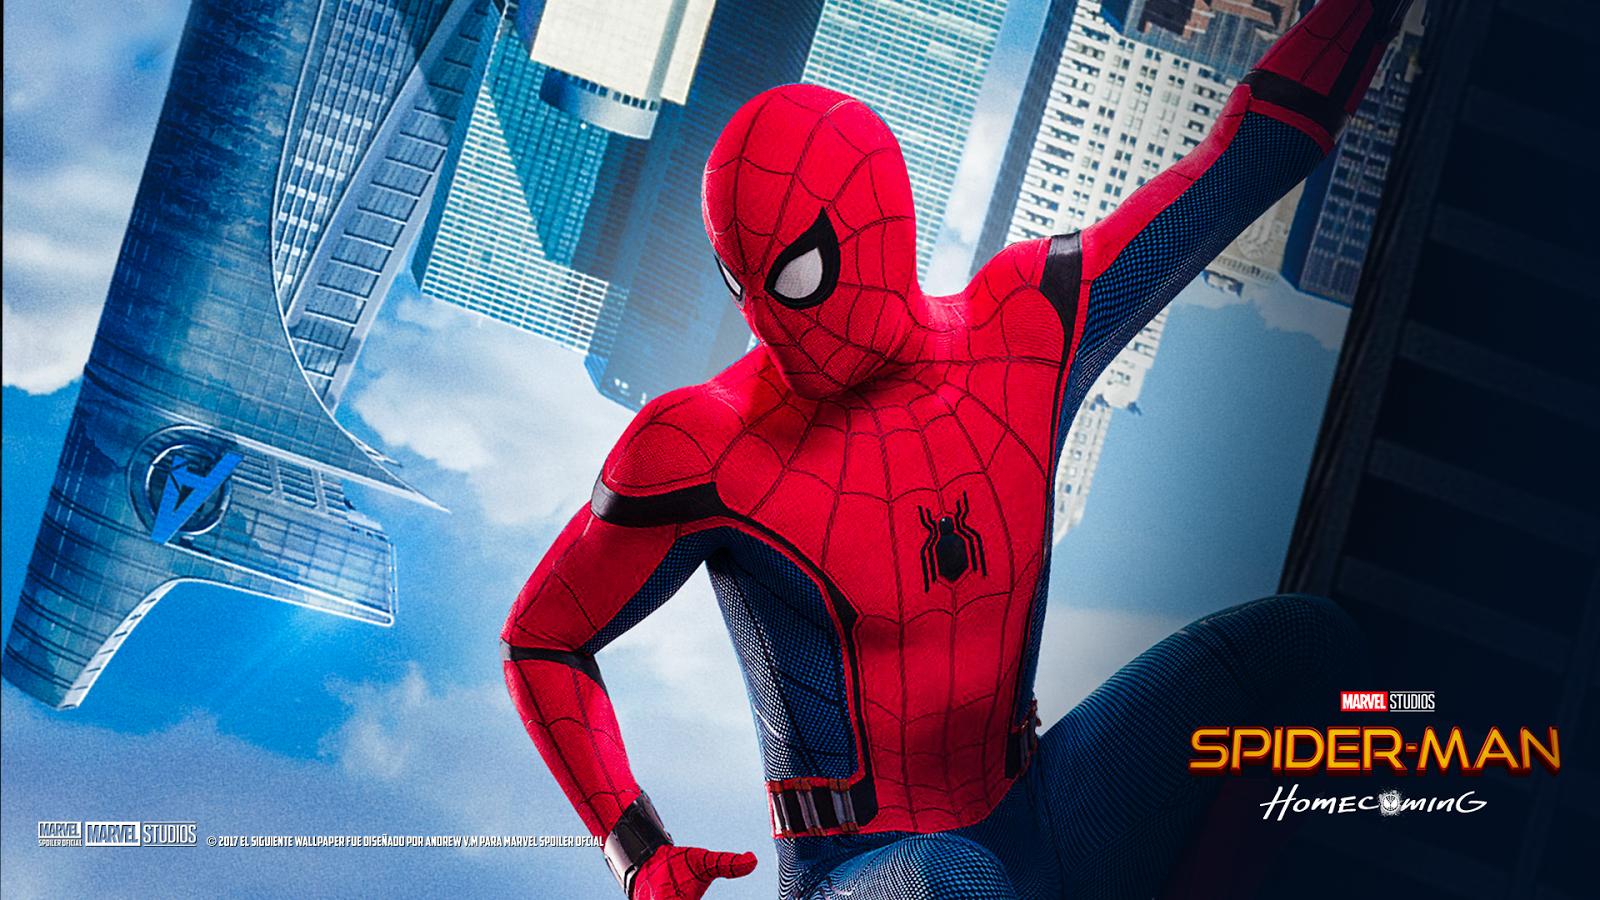 Wallpaper Homecoming: Spiderman Homecoming Wallpaper